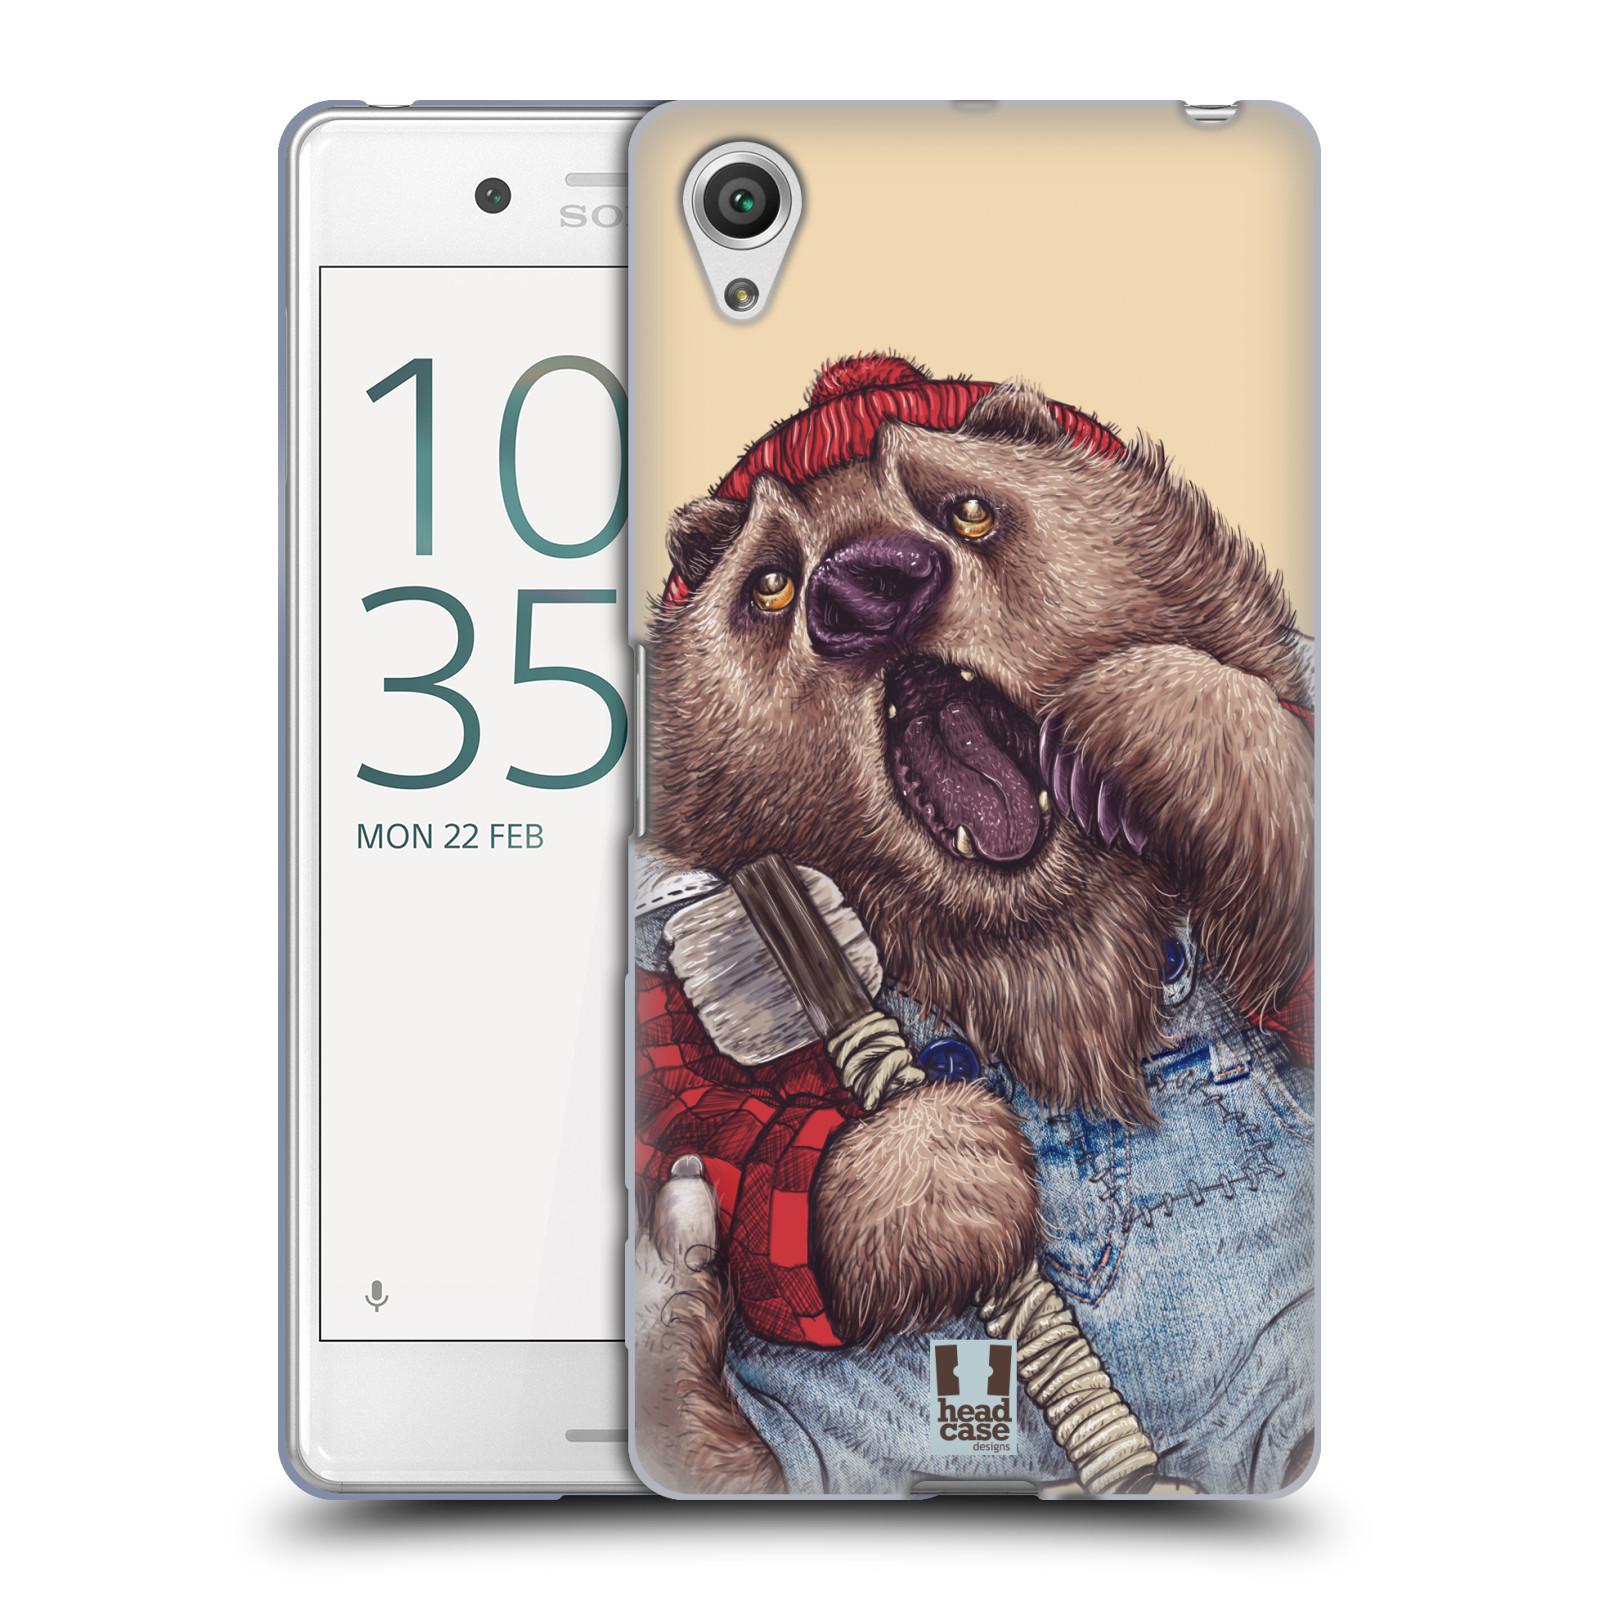 HEAD CASE silikonový obal na mobil Sony Xperia X PERFORMANCE (F8131, F8132) vzor Kreslená zvířátka medvěd